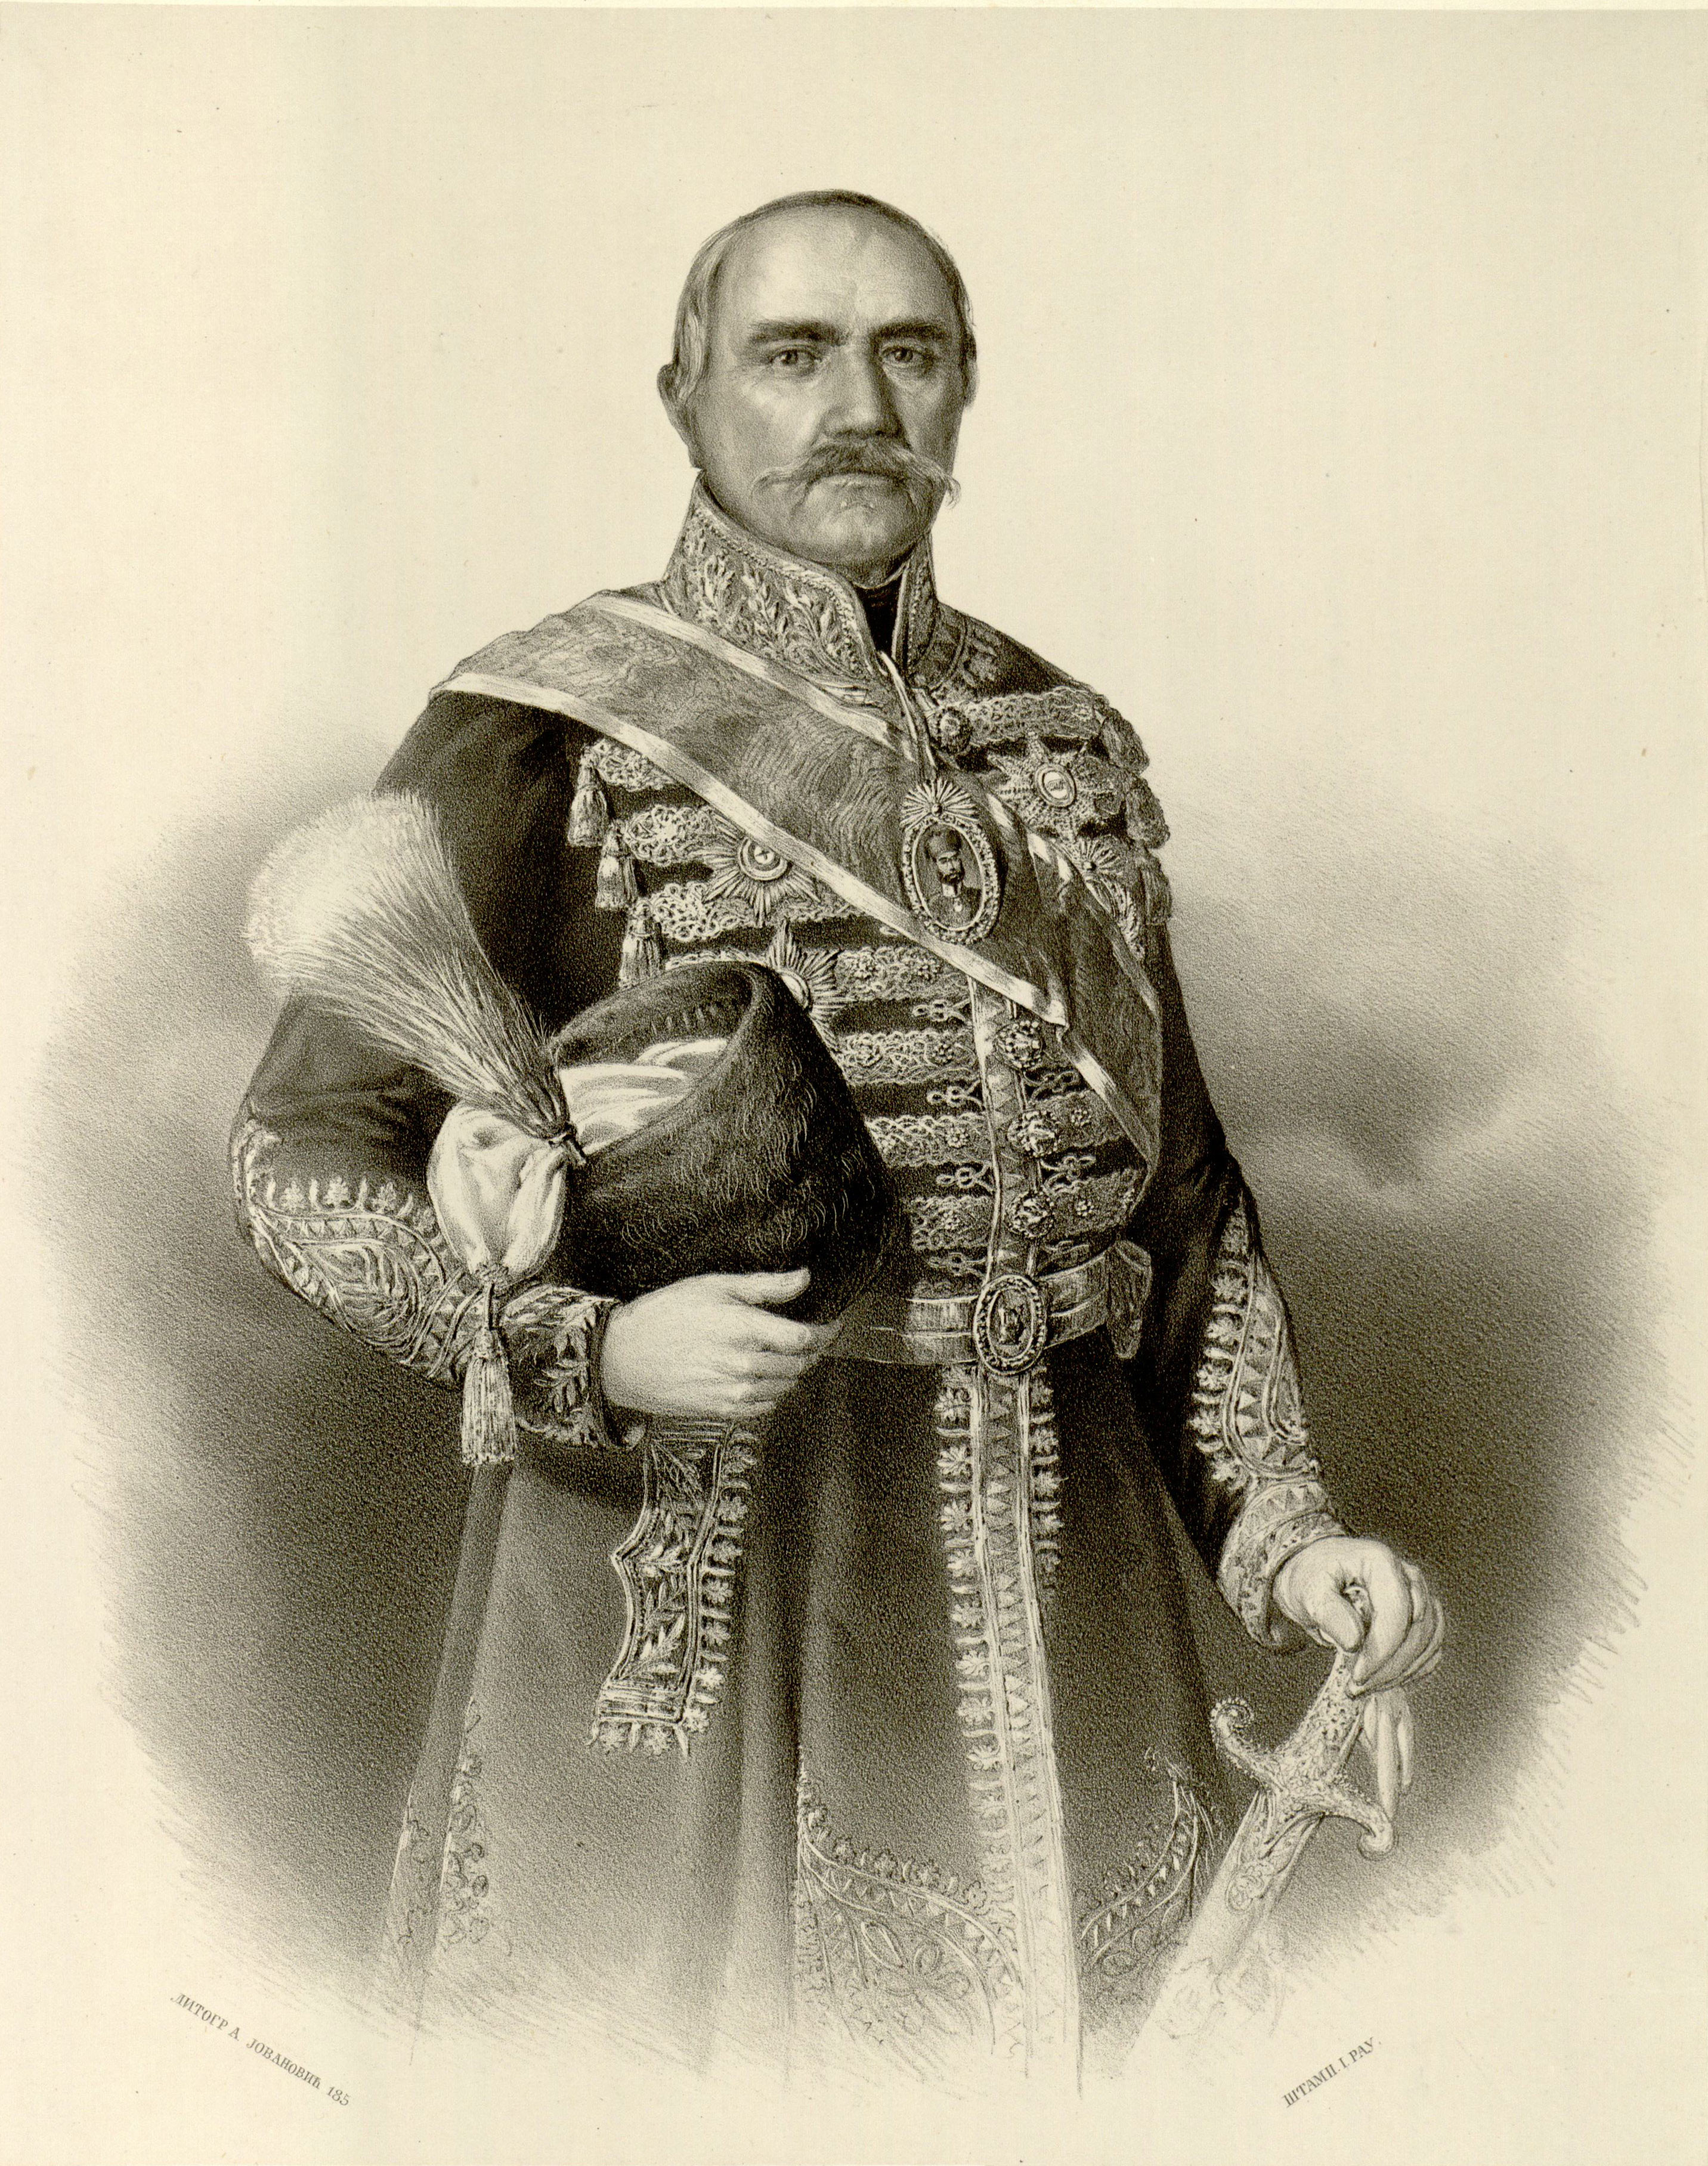 Milos Obrenovic